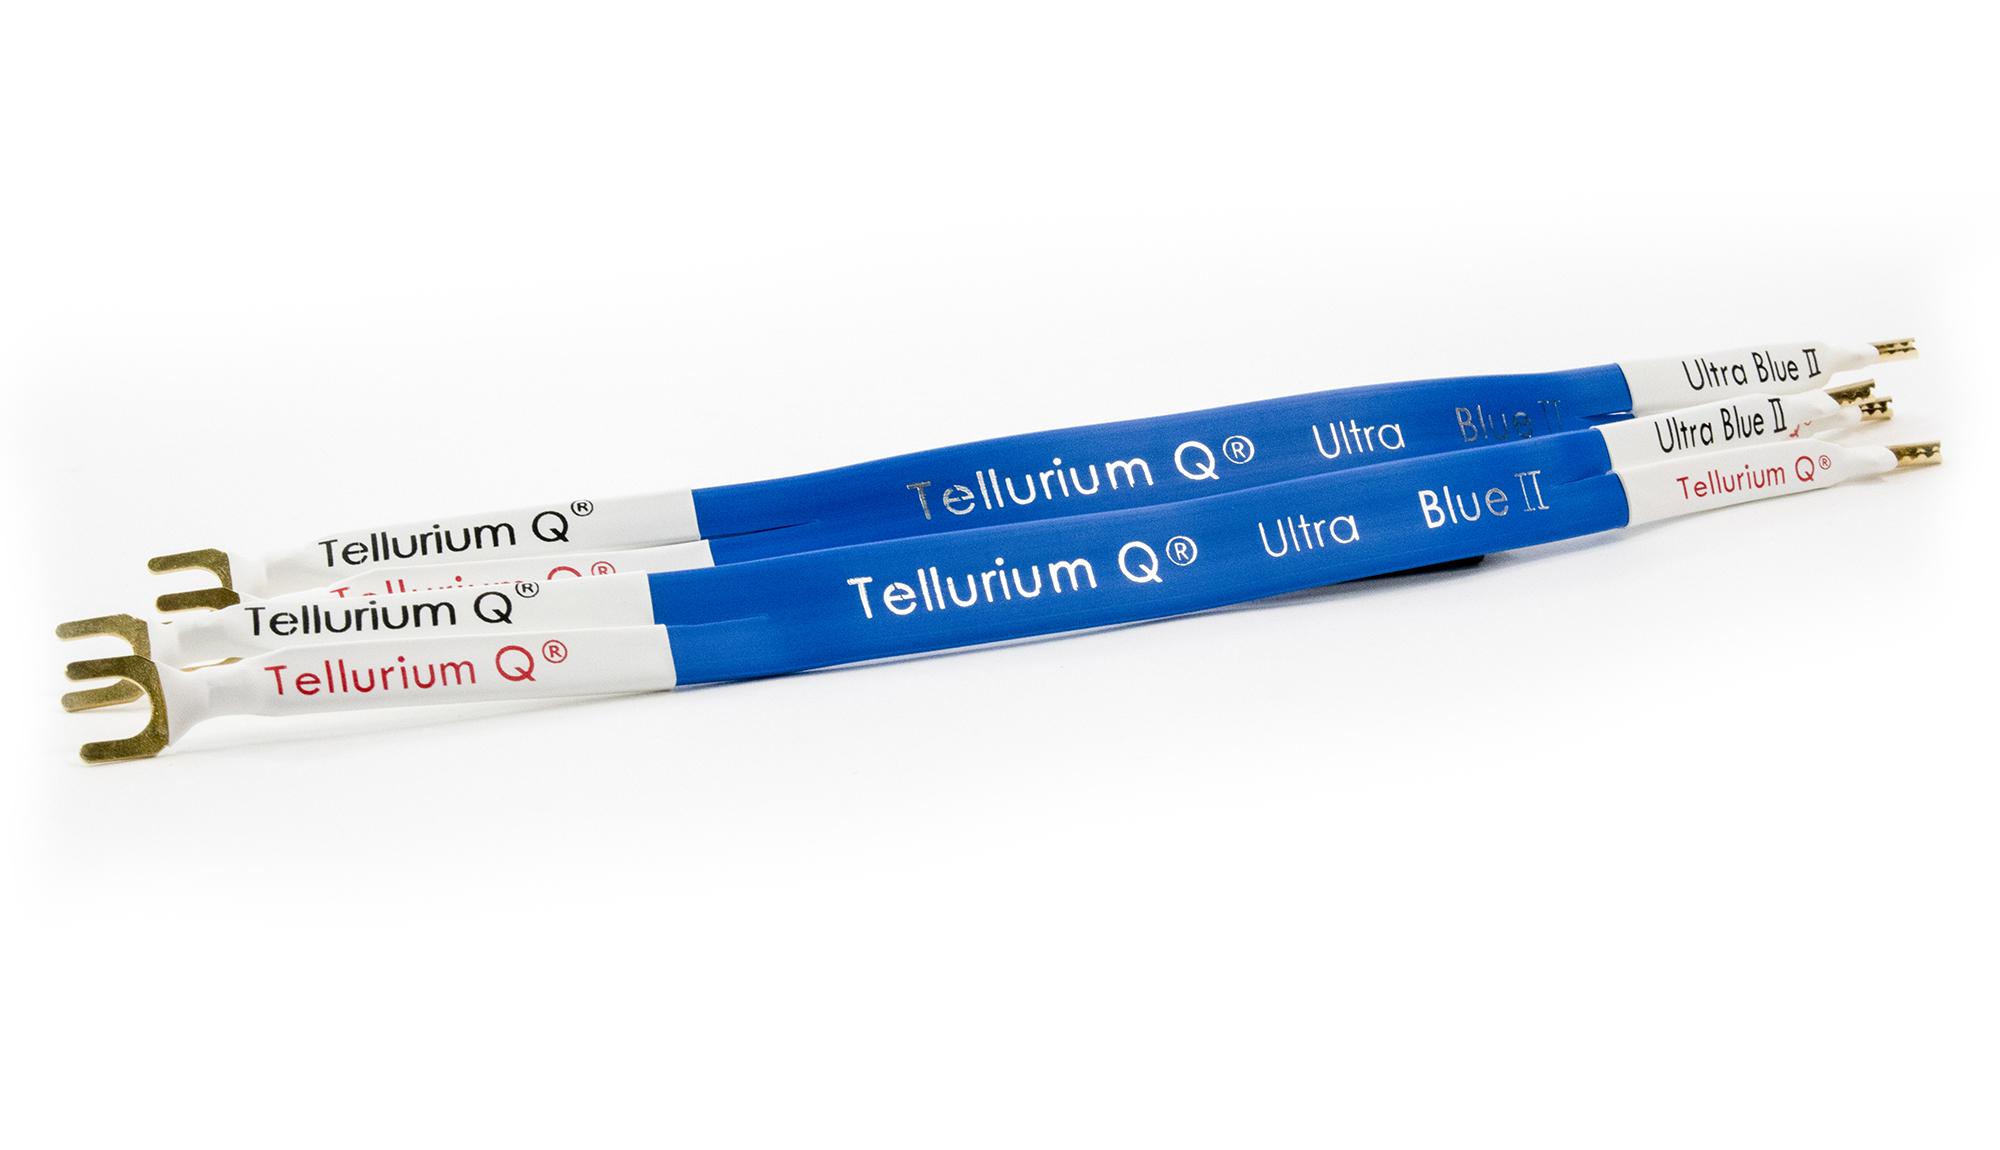 Ultra Blue II Biwire